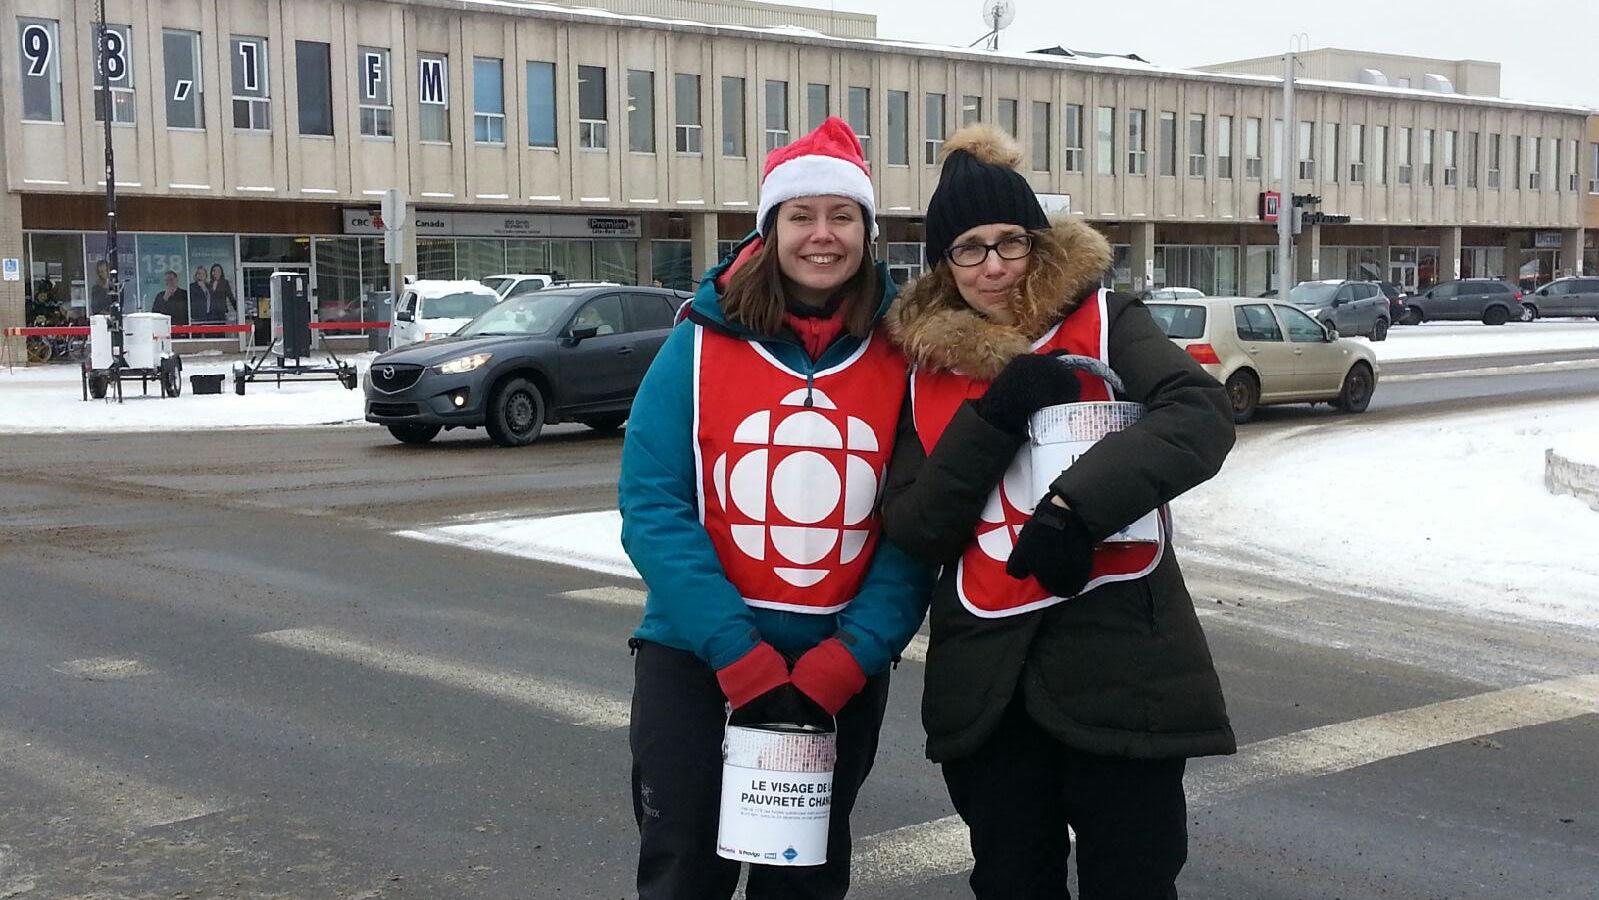 متطوّعون من راديو كندا في مدينة سيت إيل يجمعون التبرّعات/Louis Garneau/Radio-Canada